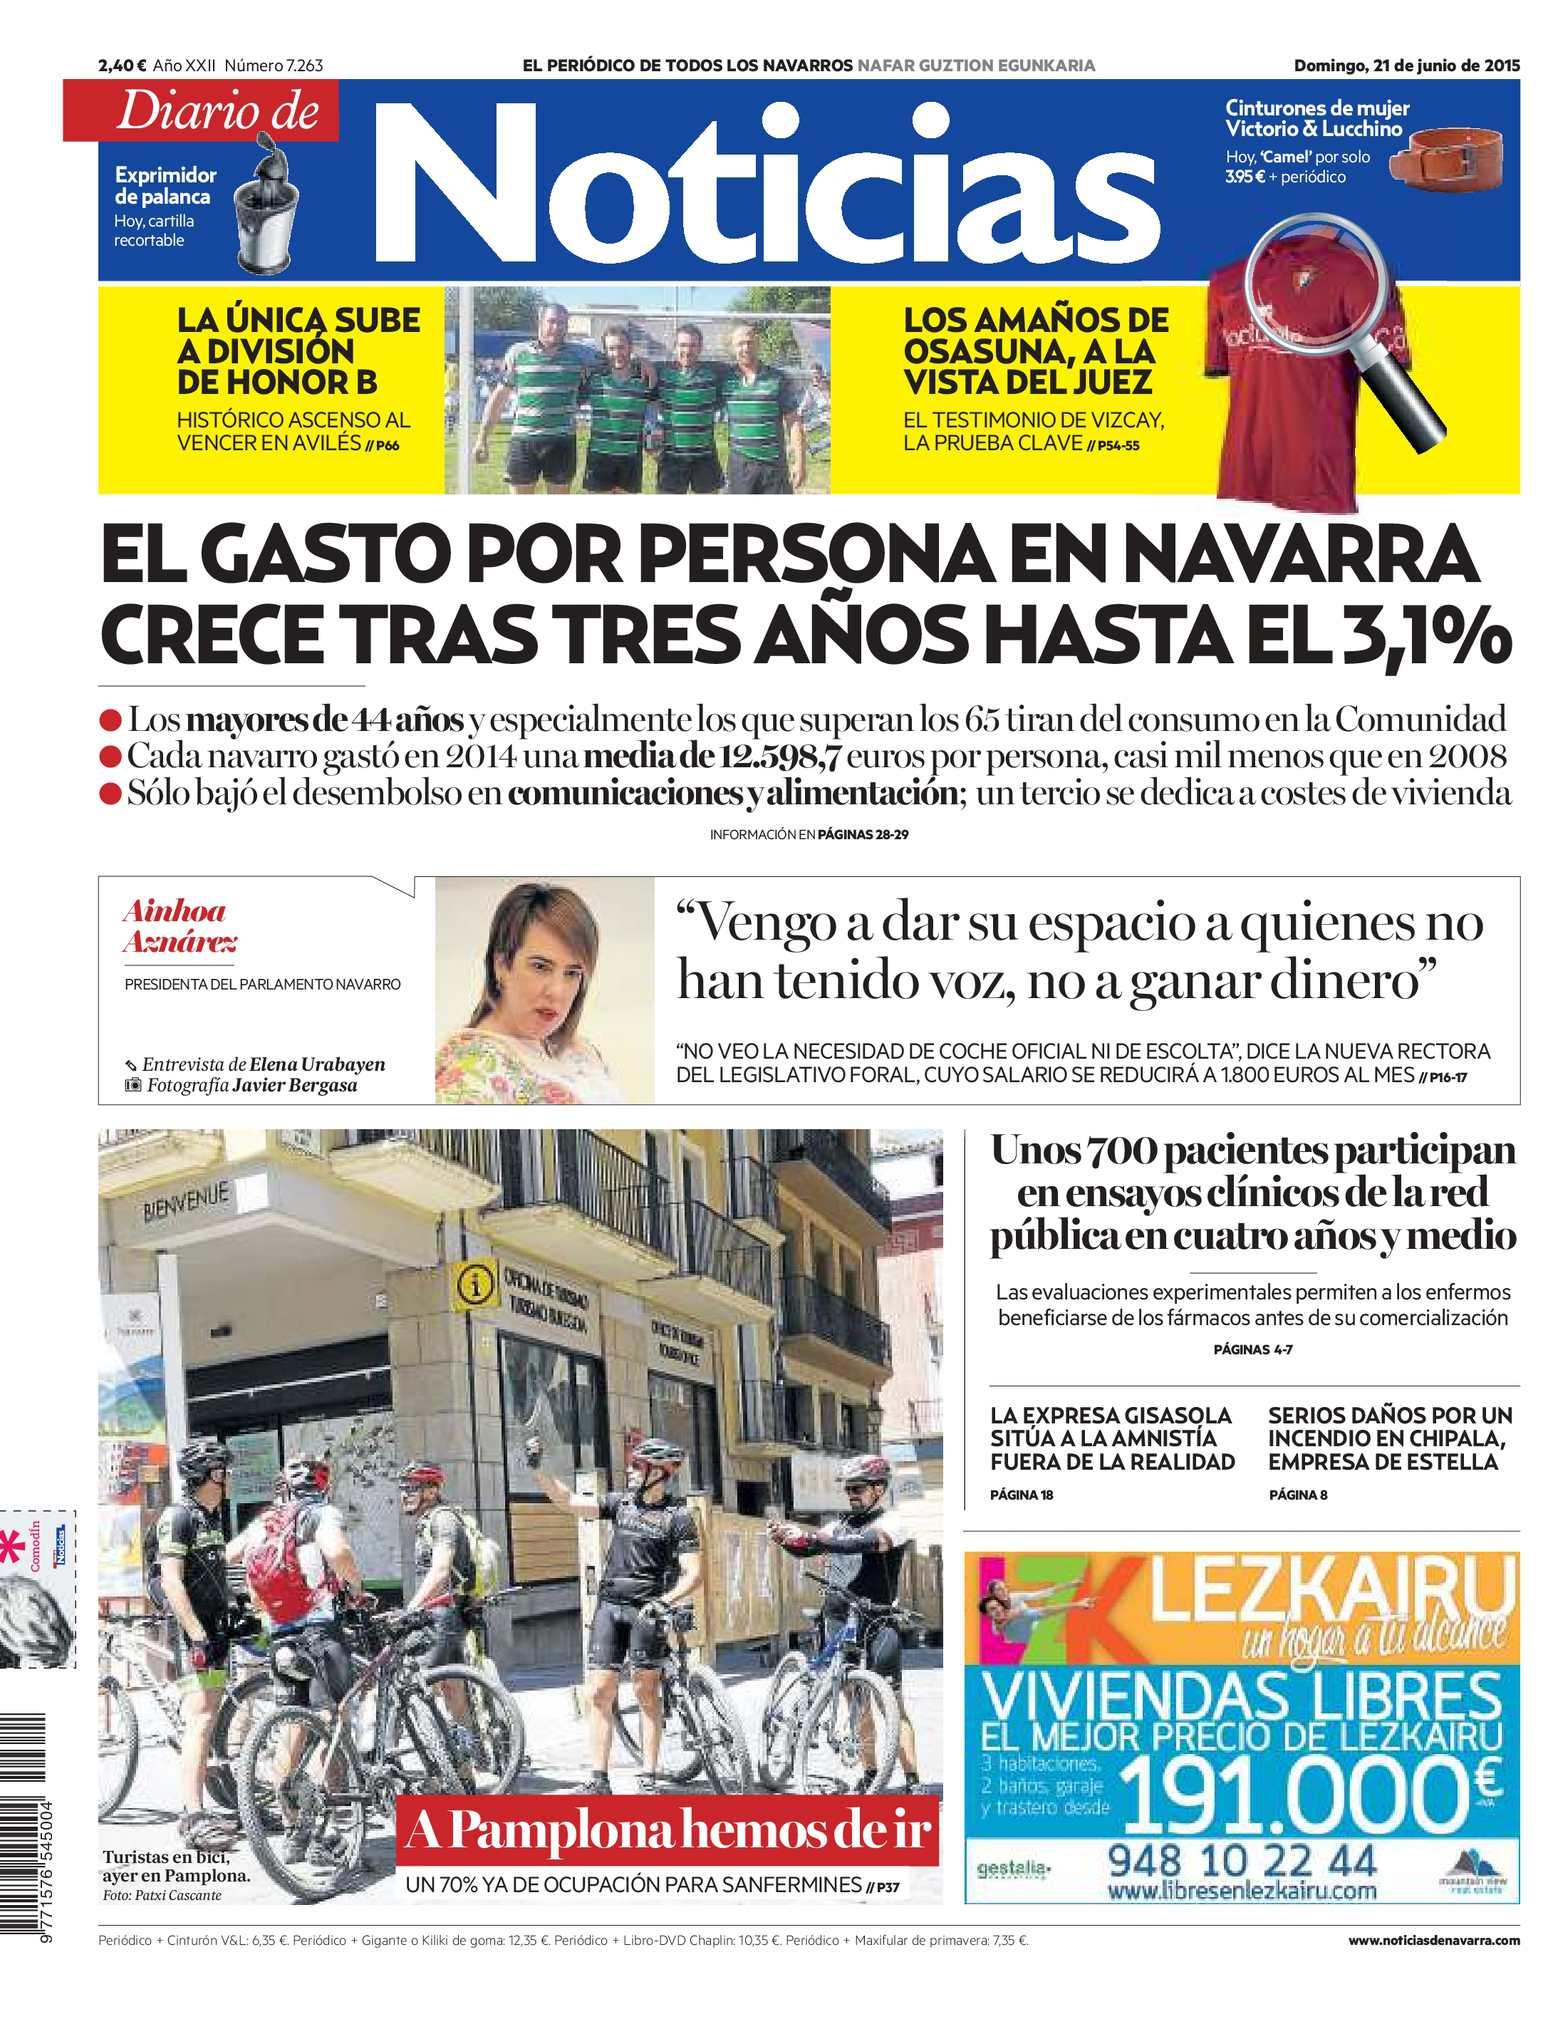 Calaméo - Diario de Noticias 20150621 dfeb434894c6